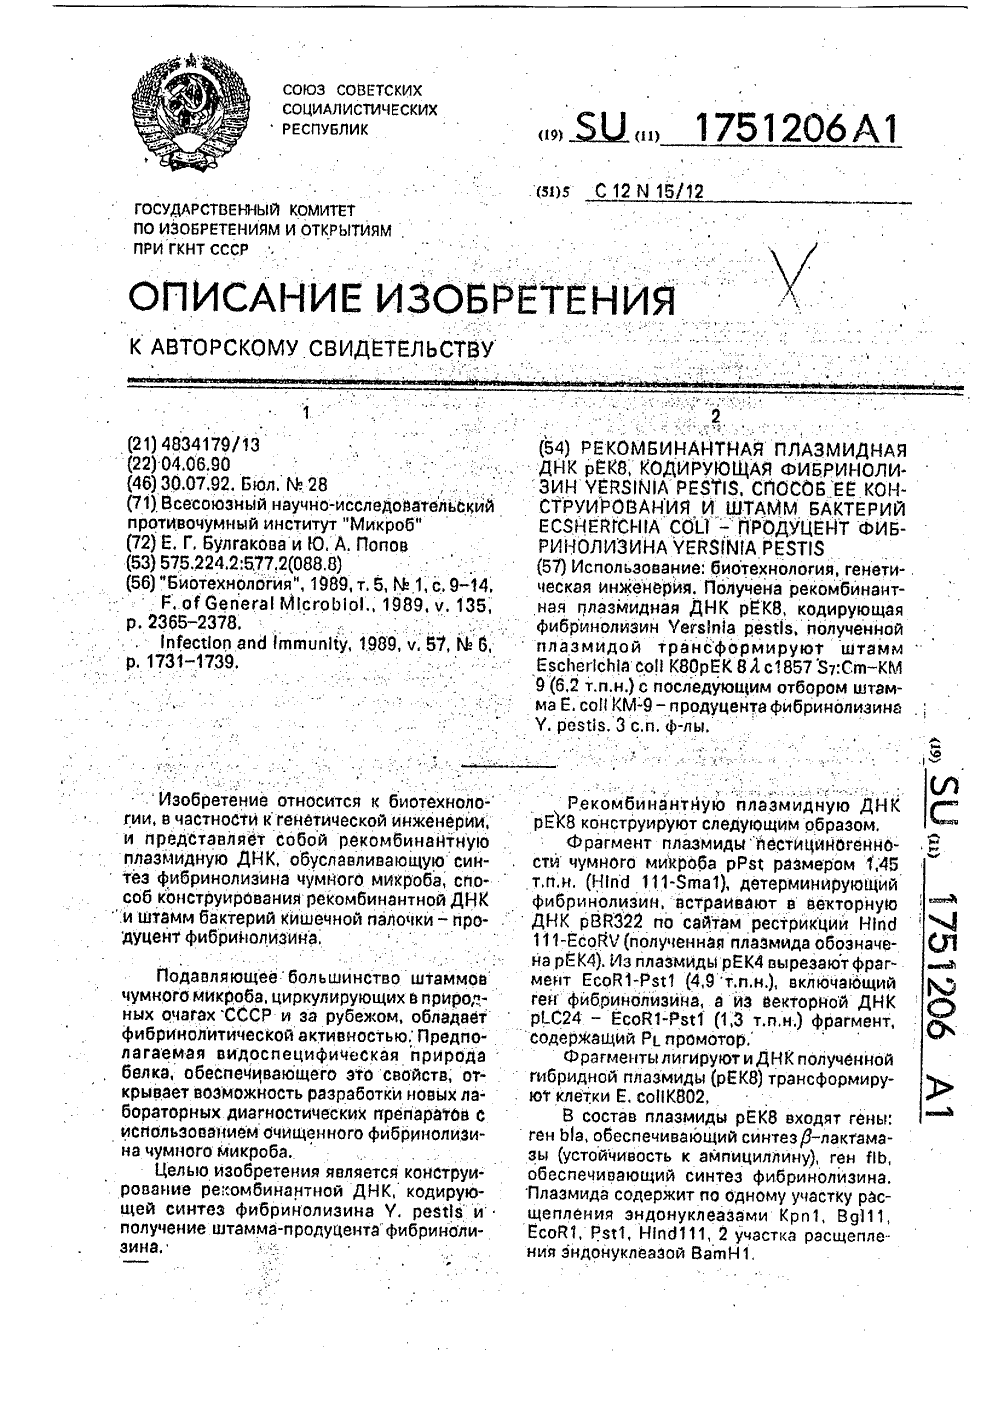 Фибринолизин